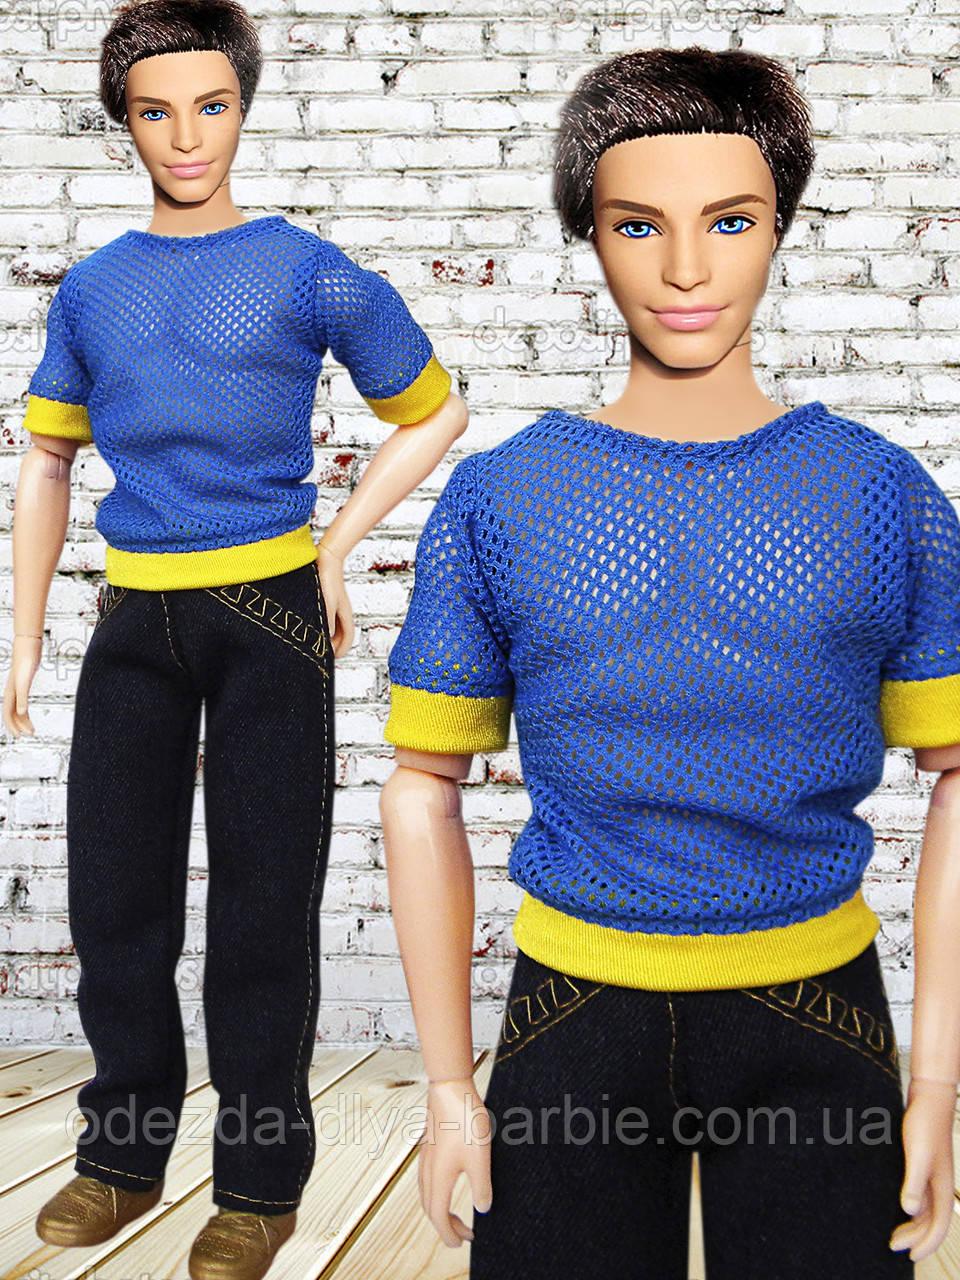 Одежда для Кена - штаны и футболка